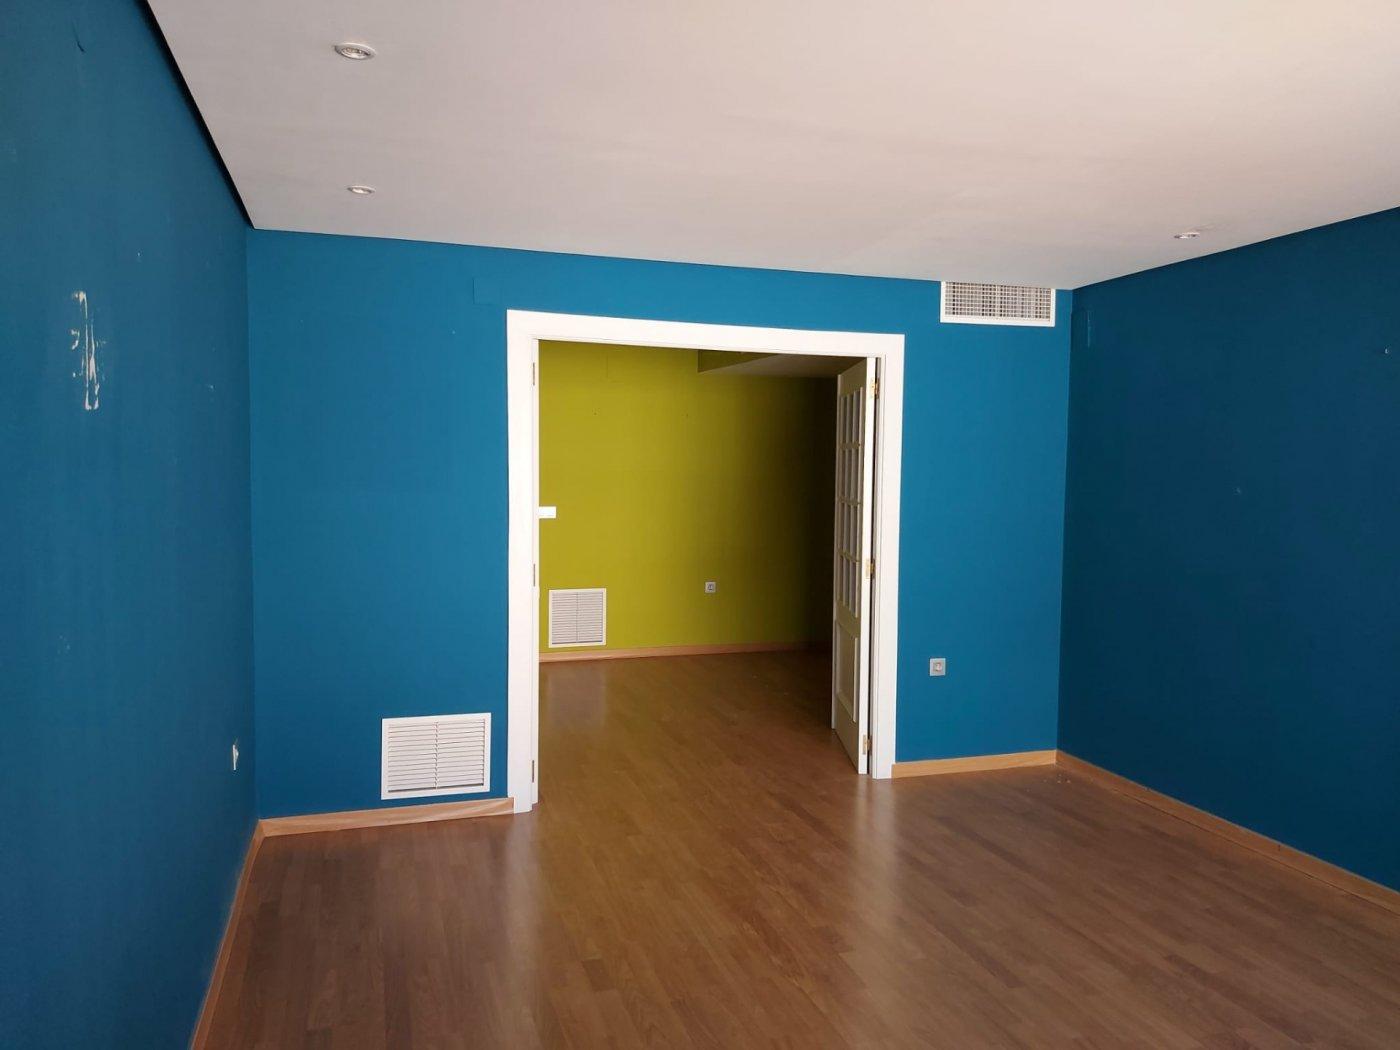 Oficina en venta o alquiler en el centro de alicante - imagenInmueble3